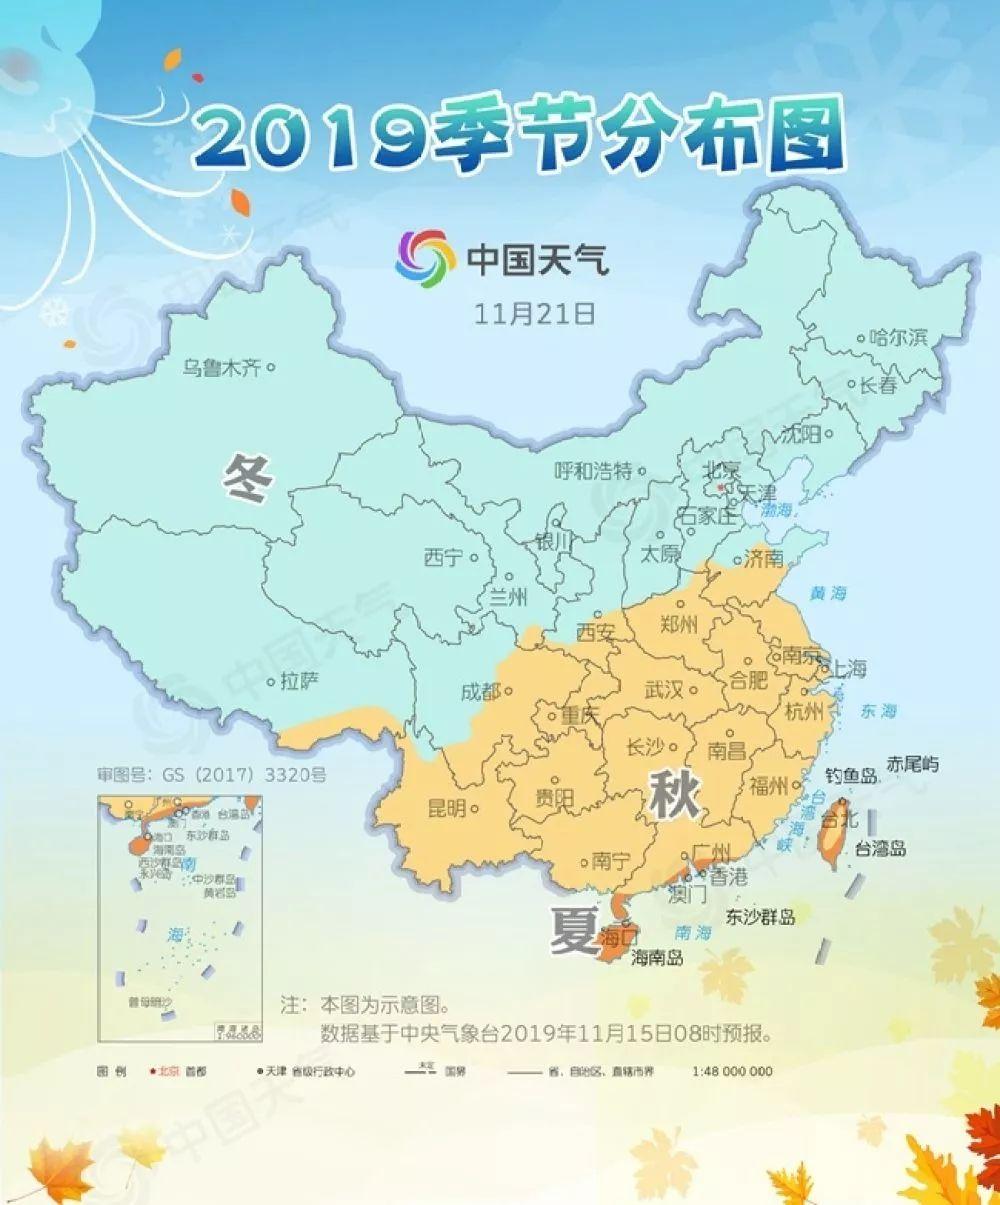 银钻娱乐官网下载|Udesk领跑中国SaaS客服行业 获科创板潜力百强提名